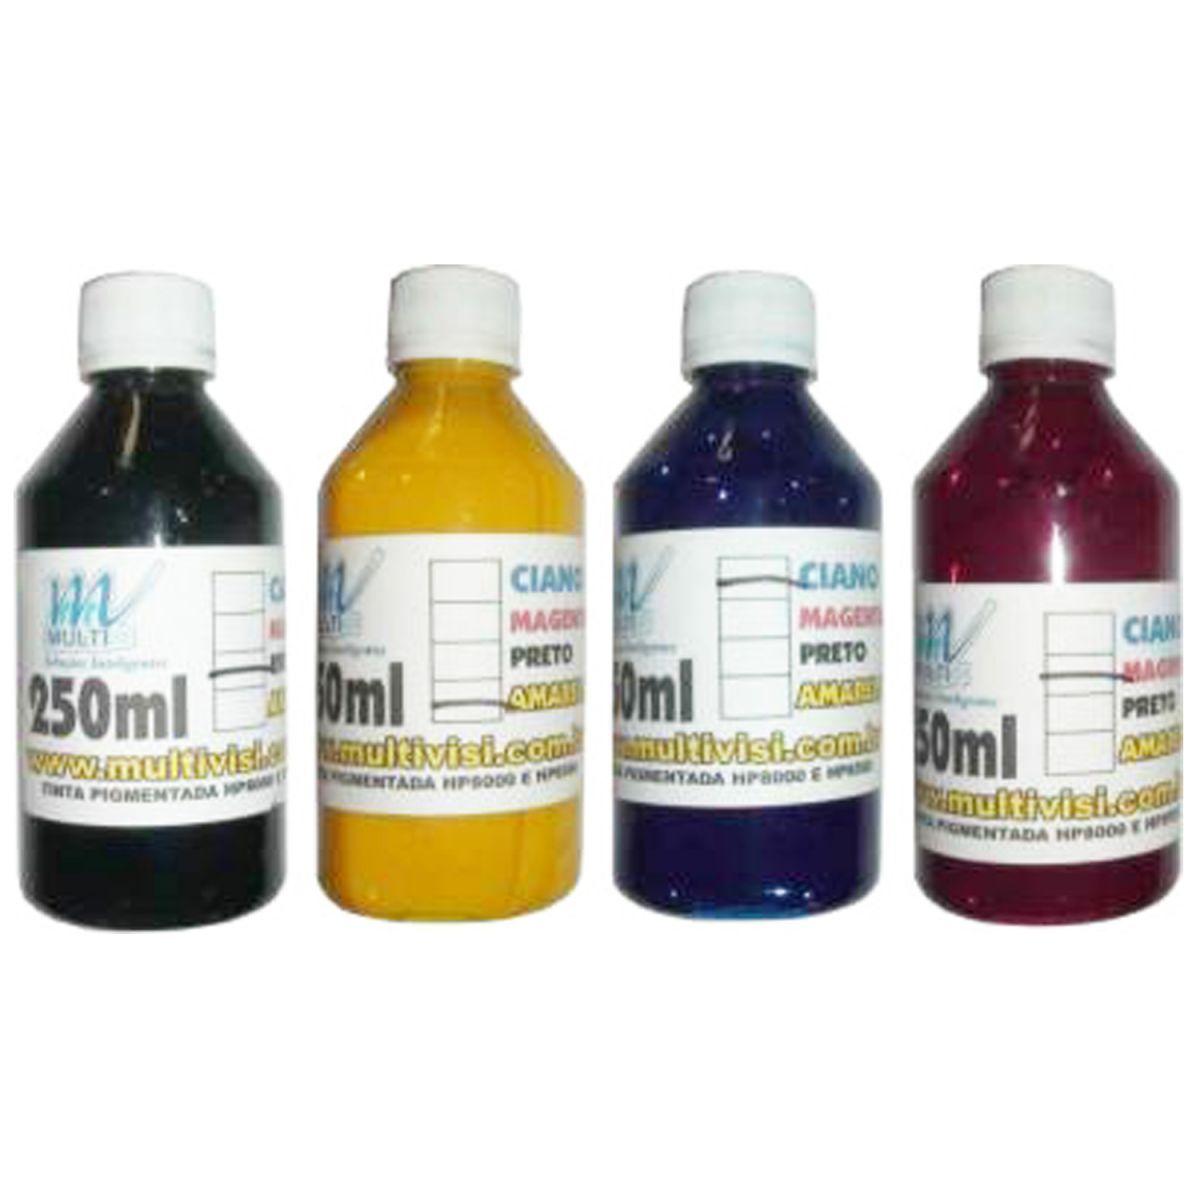 Kit Tinta Pigmentada para HP8000 / 8500 / 8600 / 8610 / 7110 250ml de cada cor